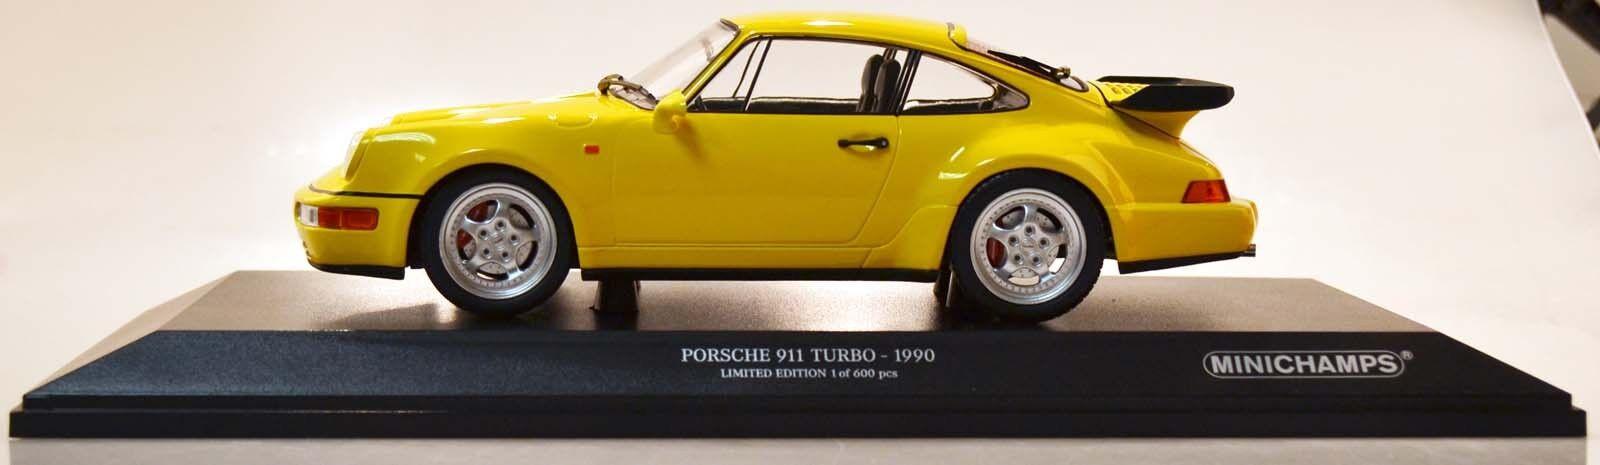 consegna gratuita Minichamps 155069100 PORSCHE 911 Turbo 1990 GItuttiO 1 18 18 18 Nuovo Scatola Originale  risposte rapide